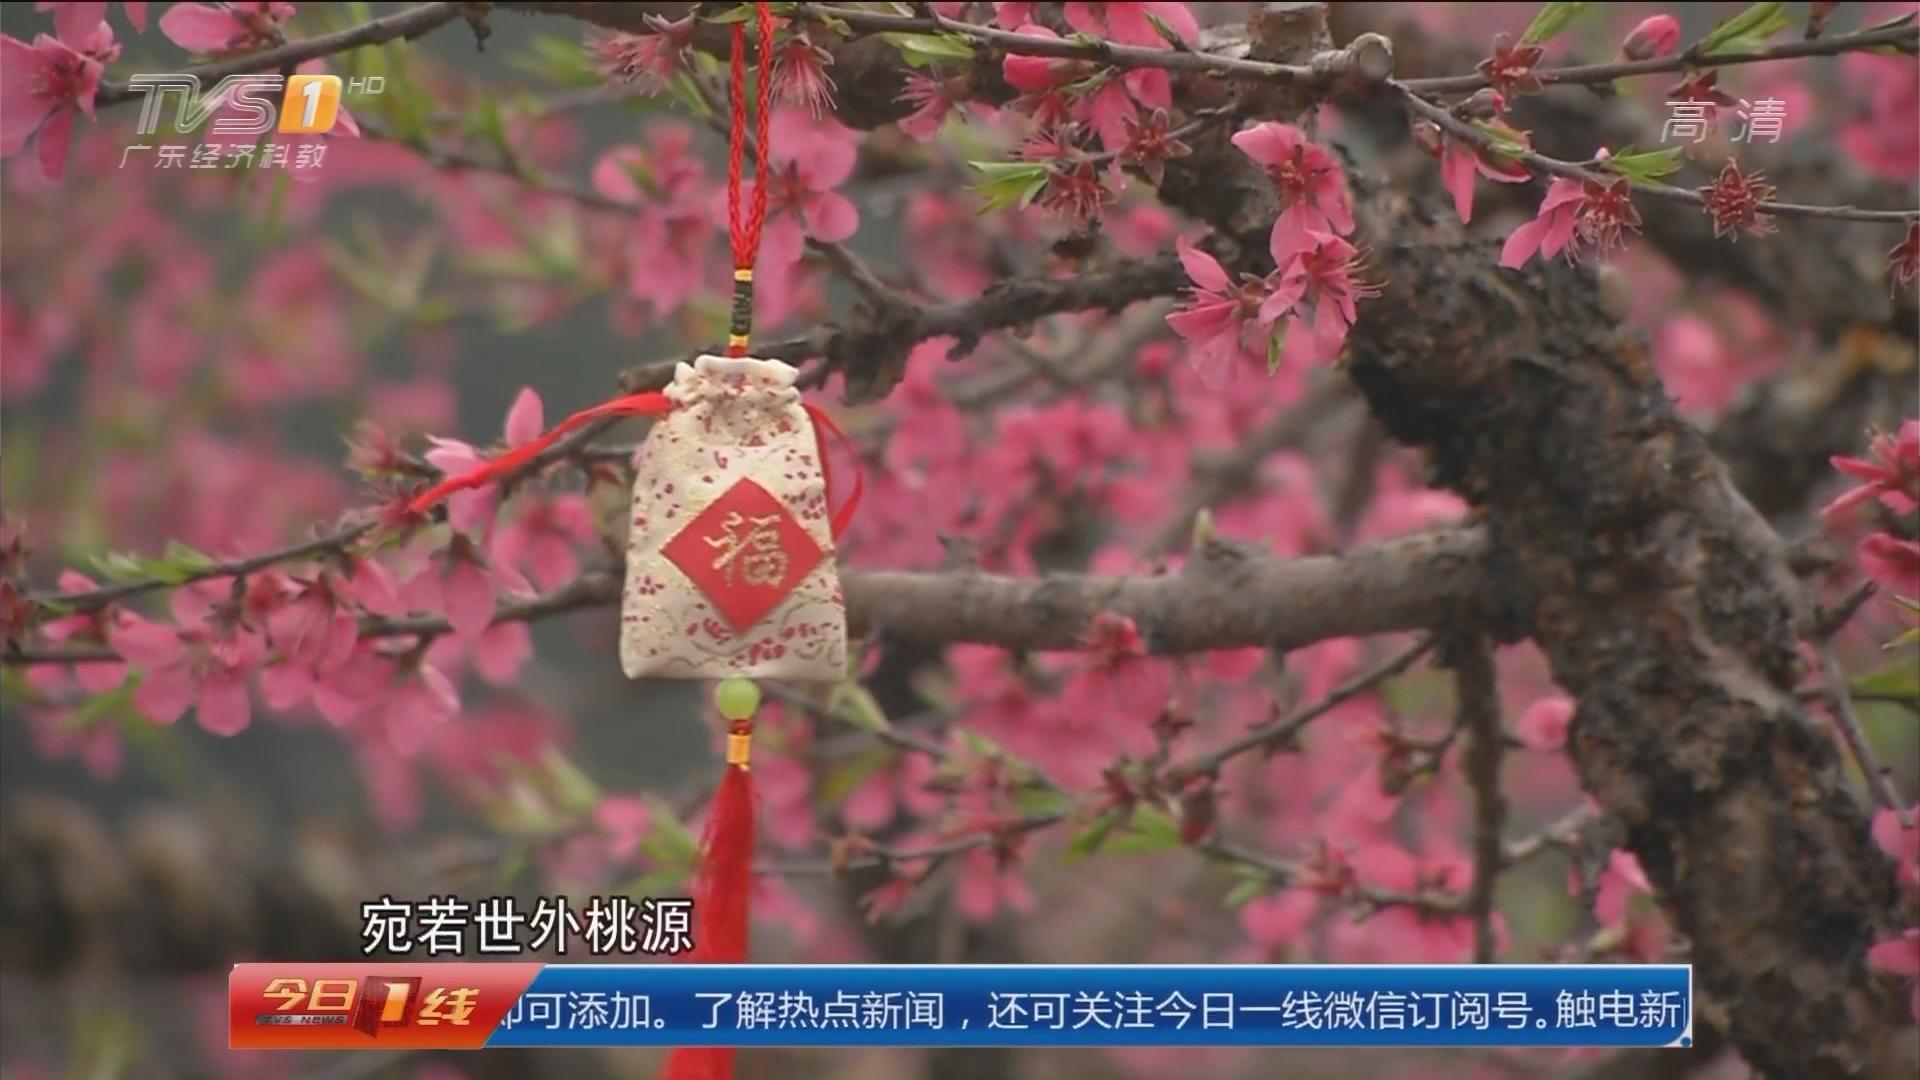 大型策划 花开岭南:清远连州 2017连州桃花节今日开幕